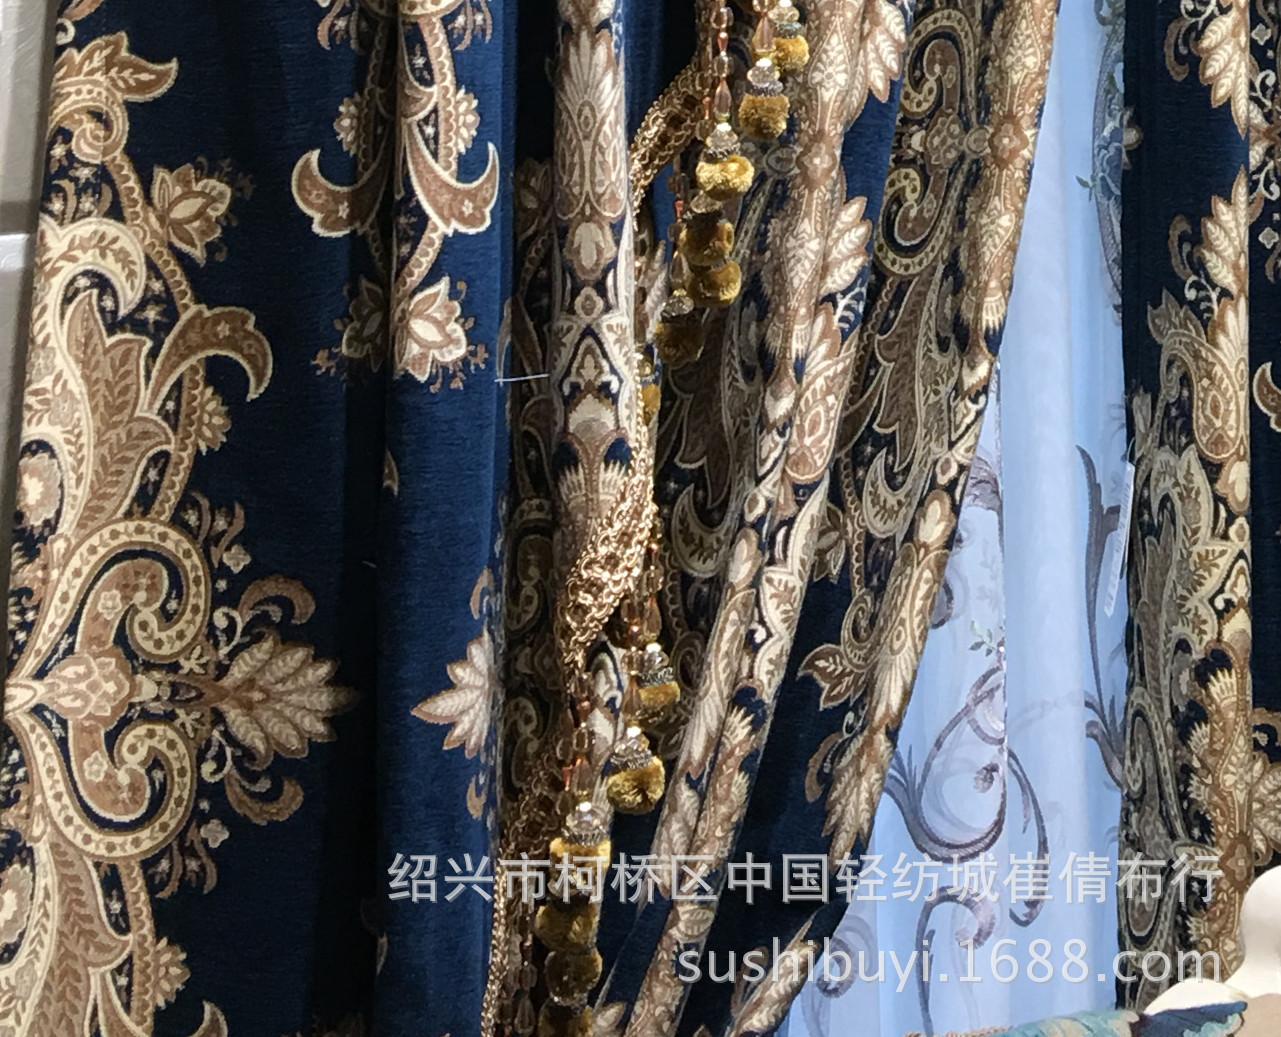 Sue, đồ trang trí sang trọng biệt thự sang trọng tấm rèm Rèm cửa nhà mẫu vải màn Vải rèm cửa văn phò